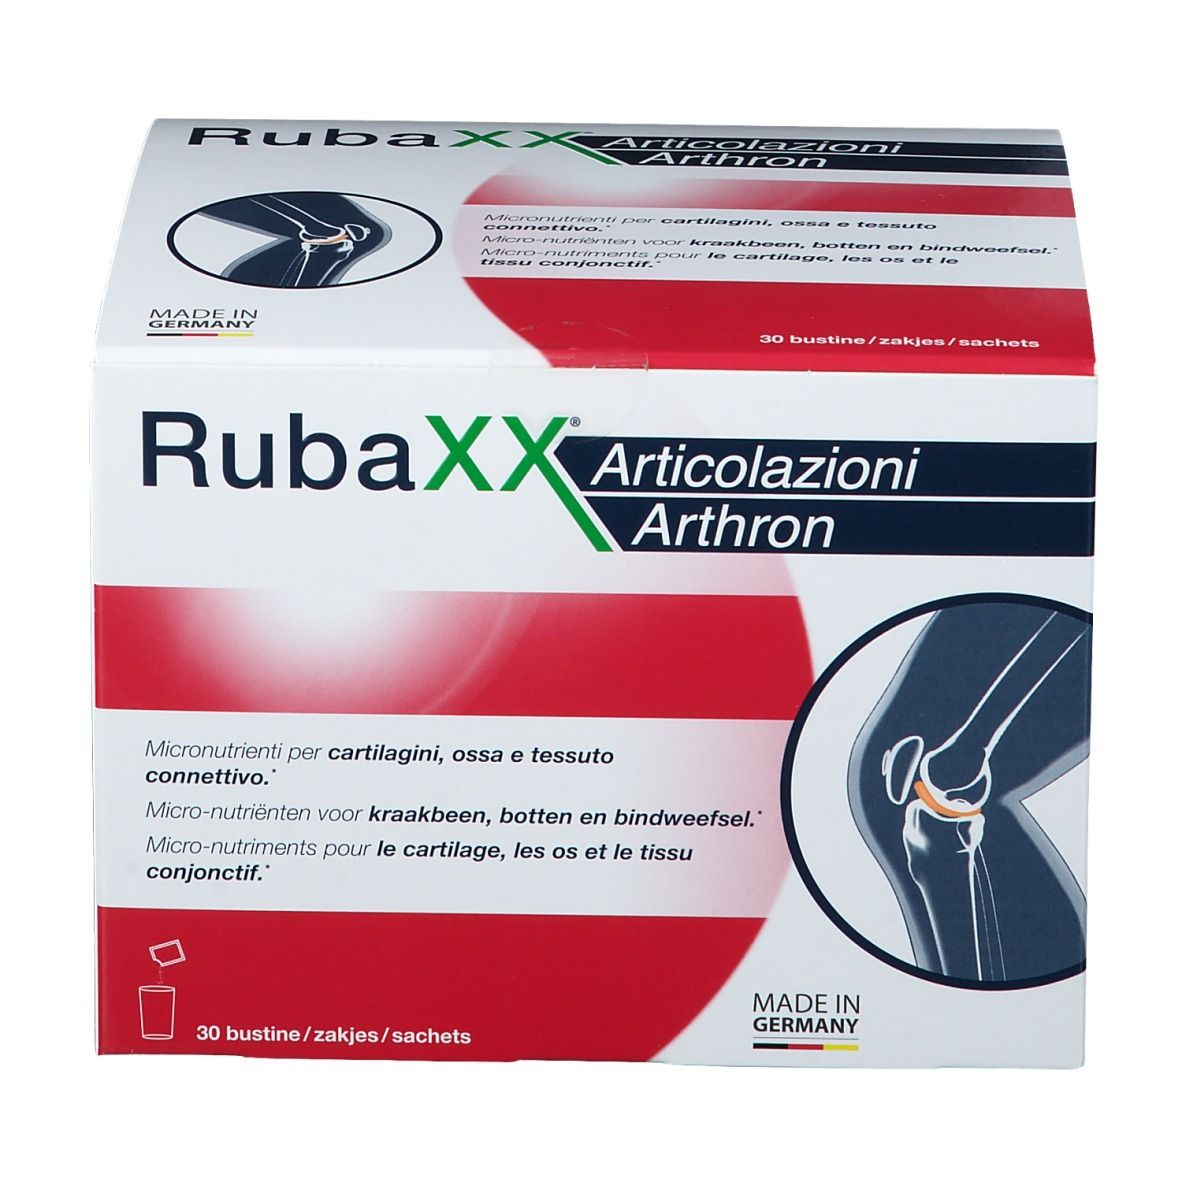 Rubaxx Articolazioni 30 Pz Shop Farmacia It